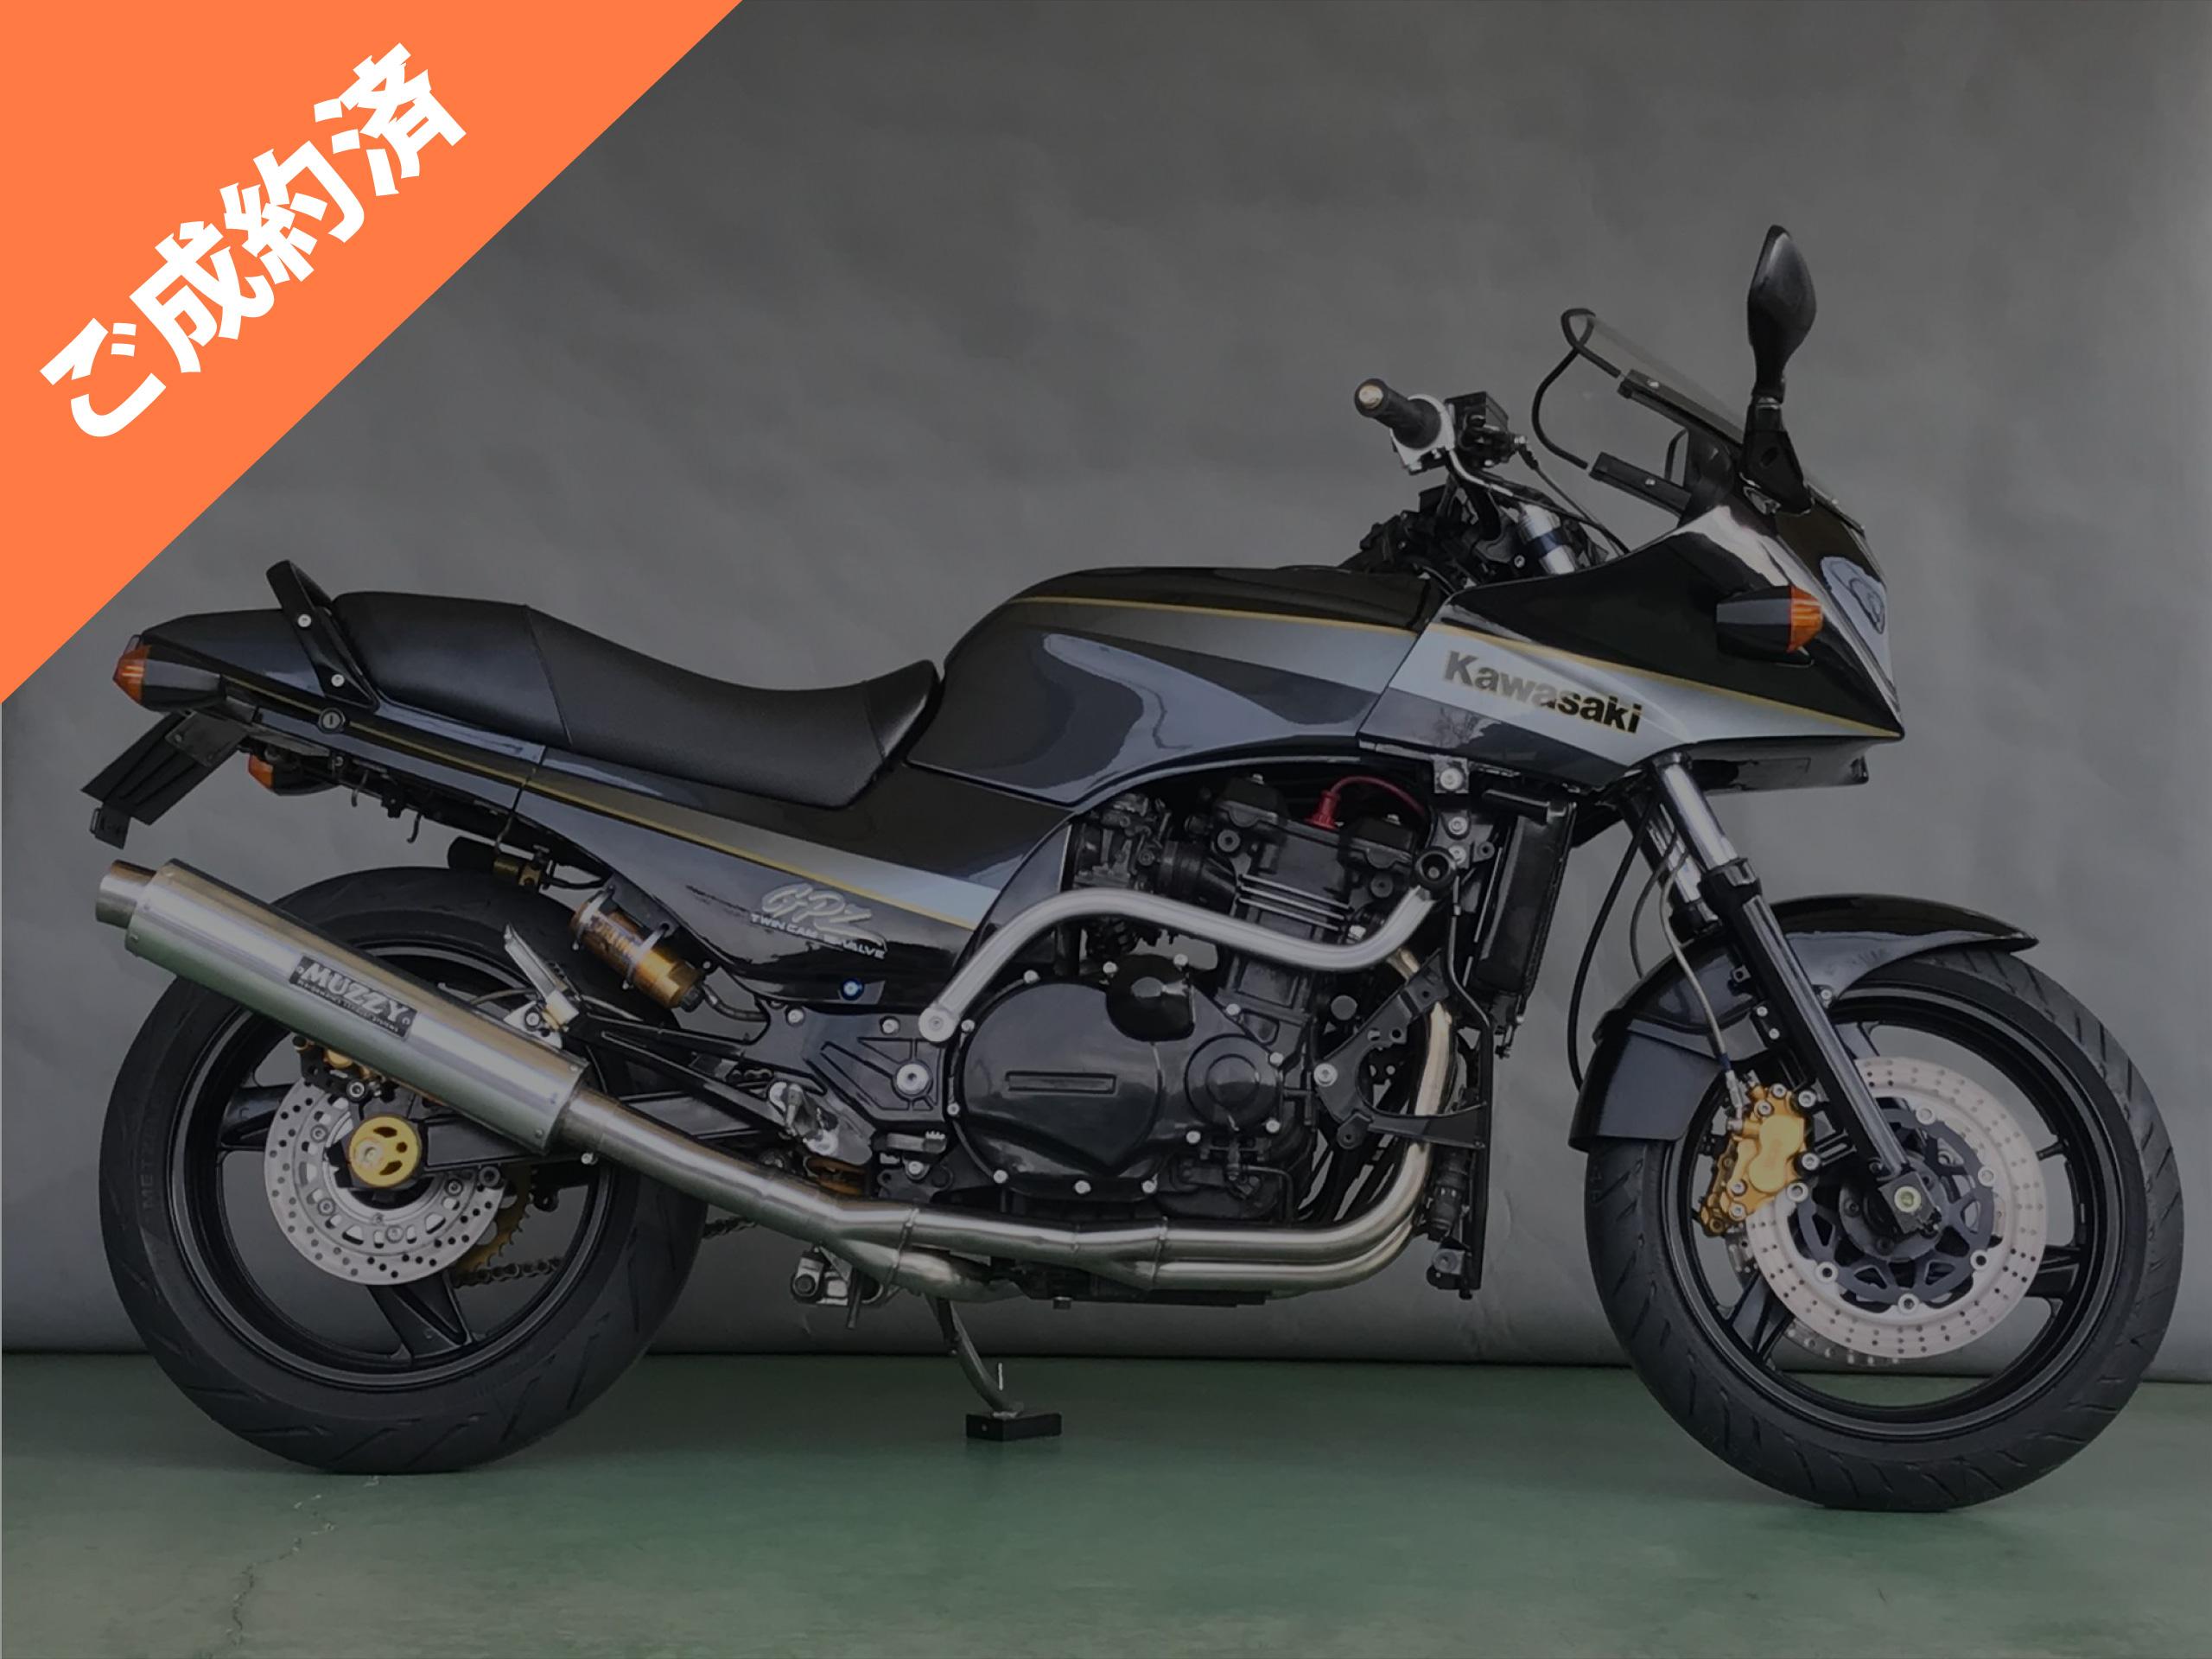 GPZ900R A2車両本体価格:60万円(税別)ご成約済み